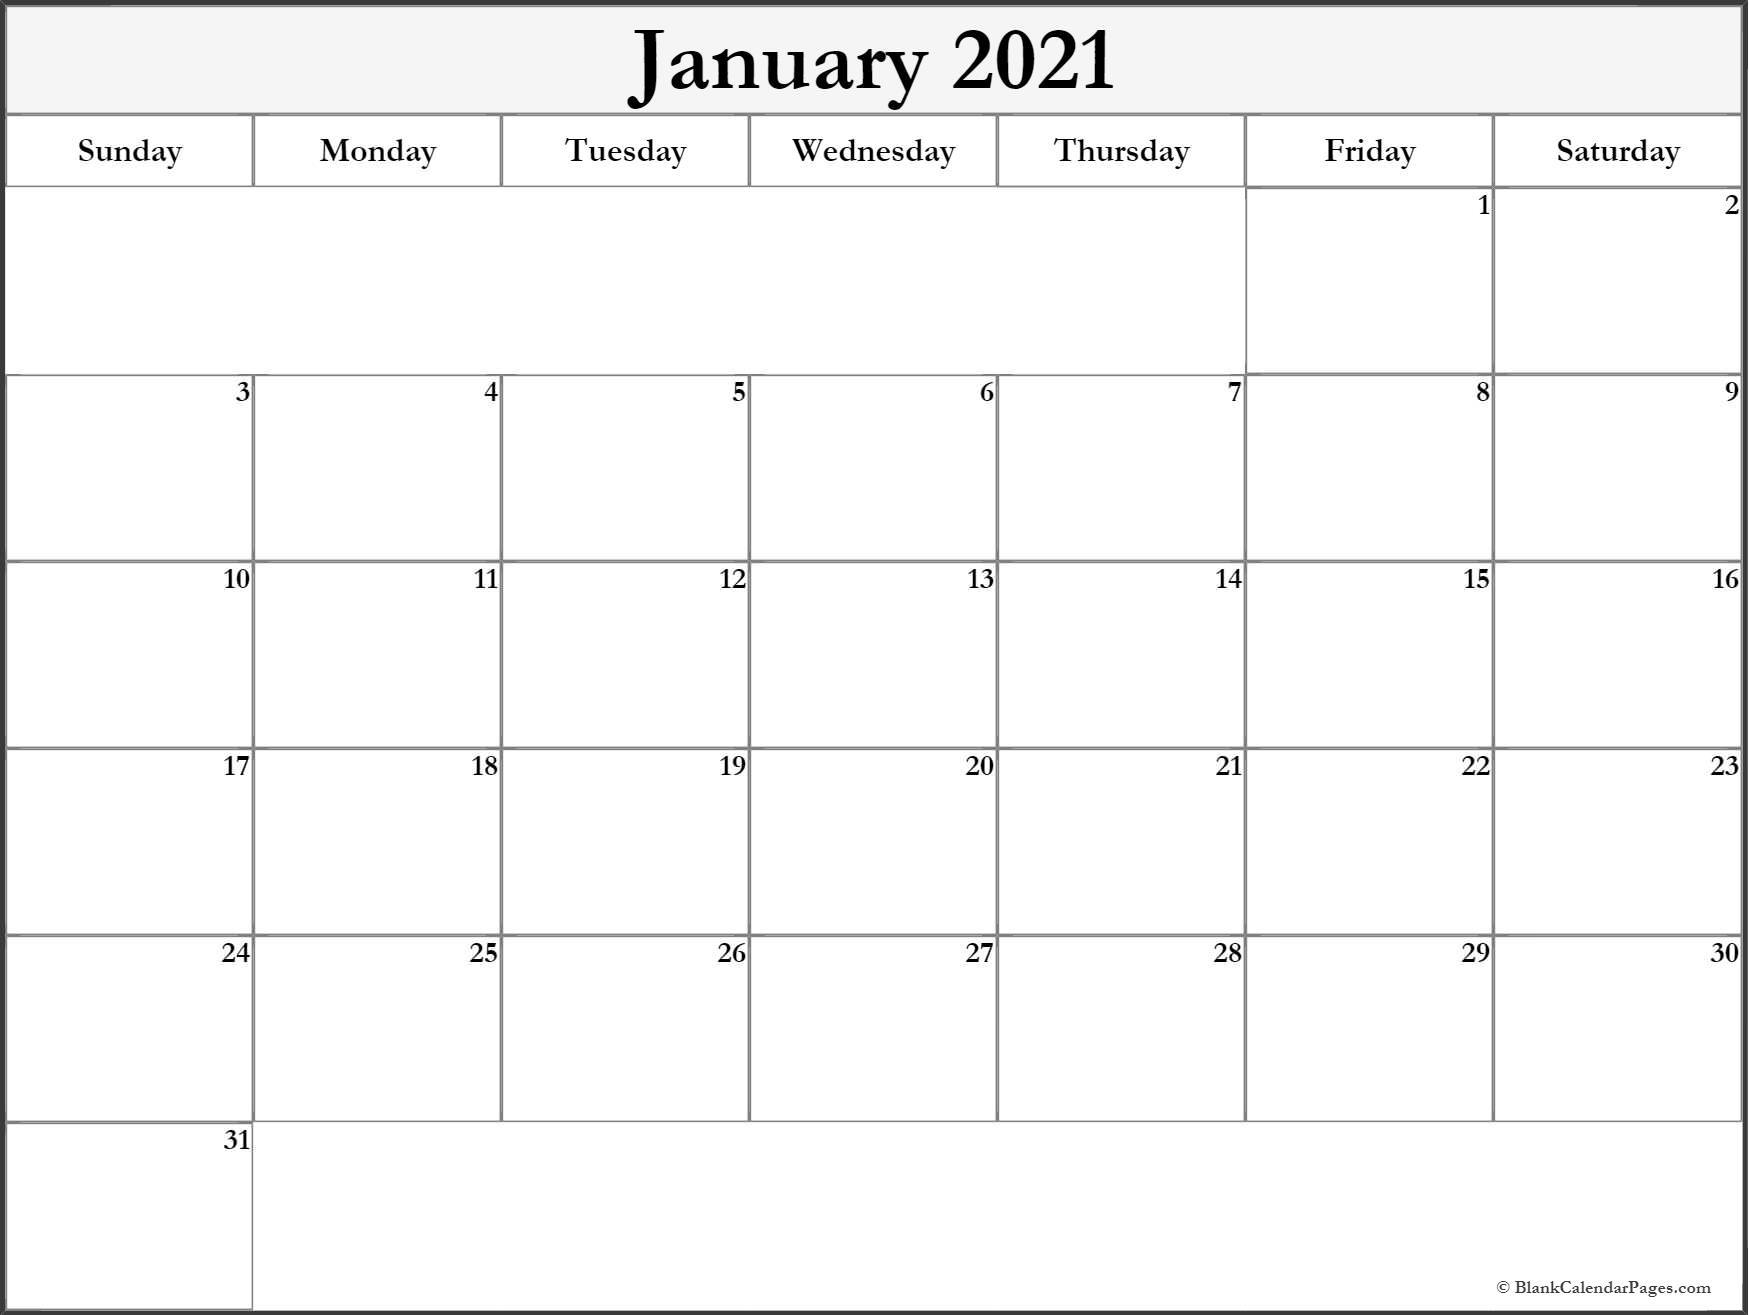 January 2021 Blank Calendar Templates.